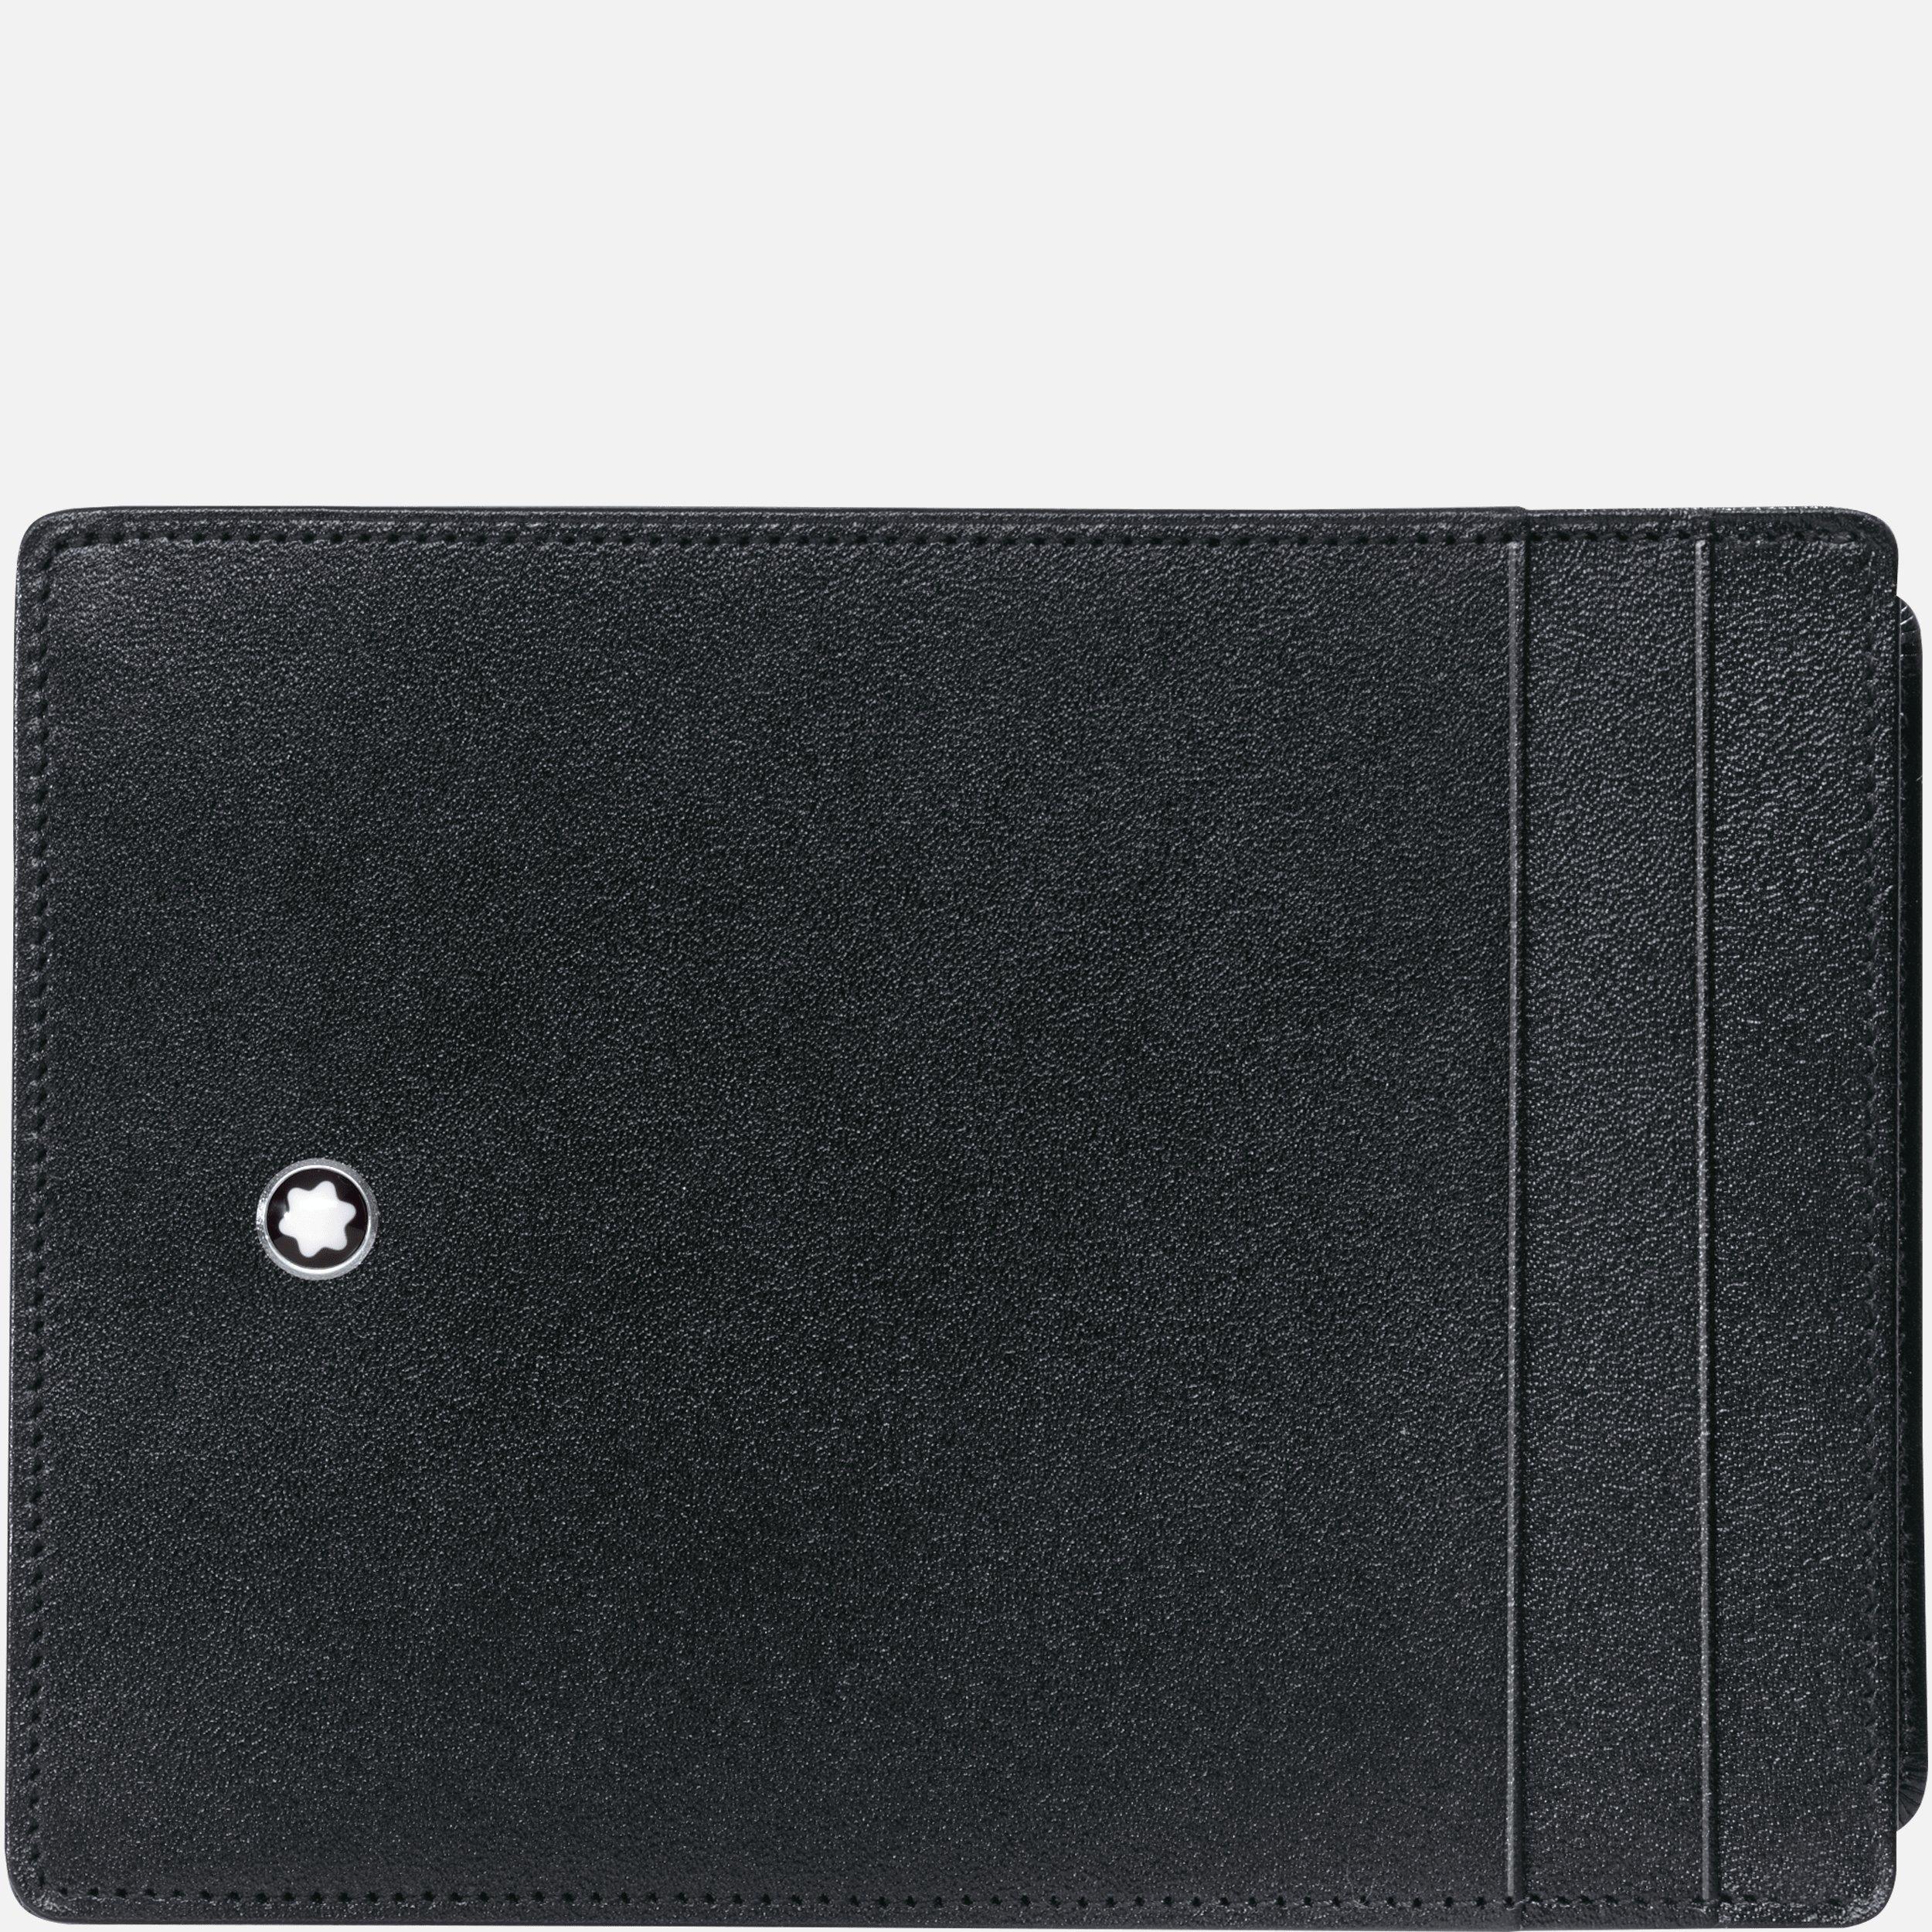 Pochette Meisterstück 4cc avec porte-carte d'identité, Montblanc